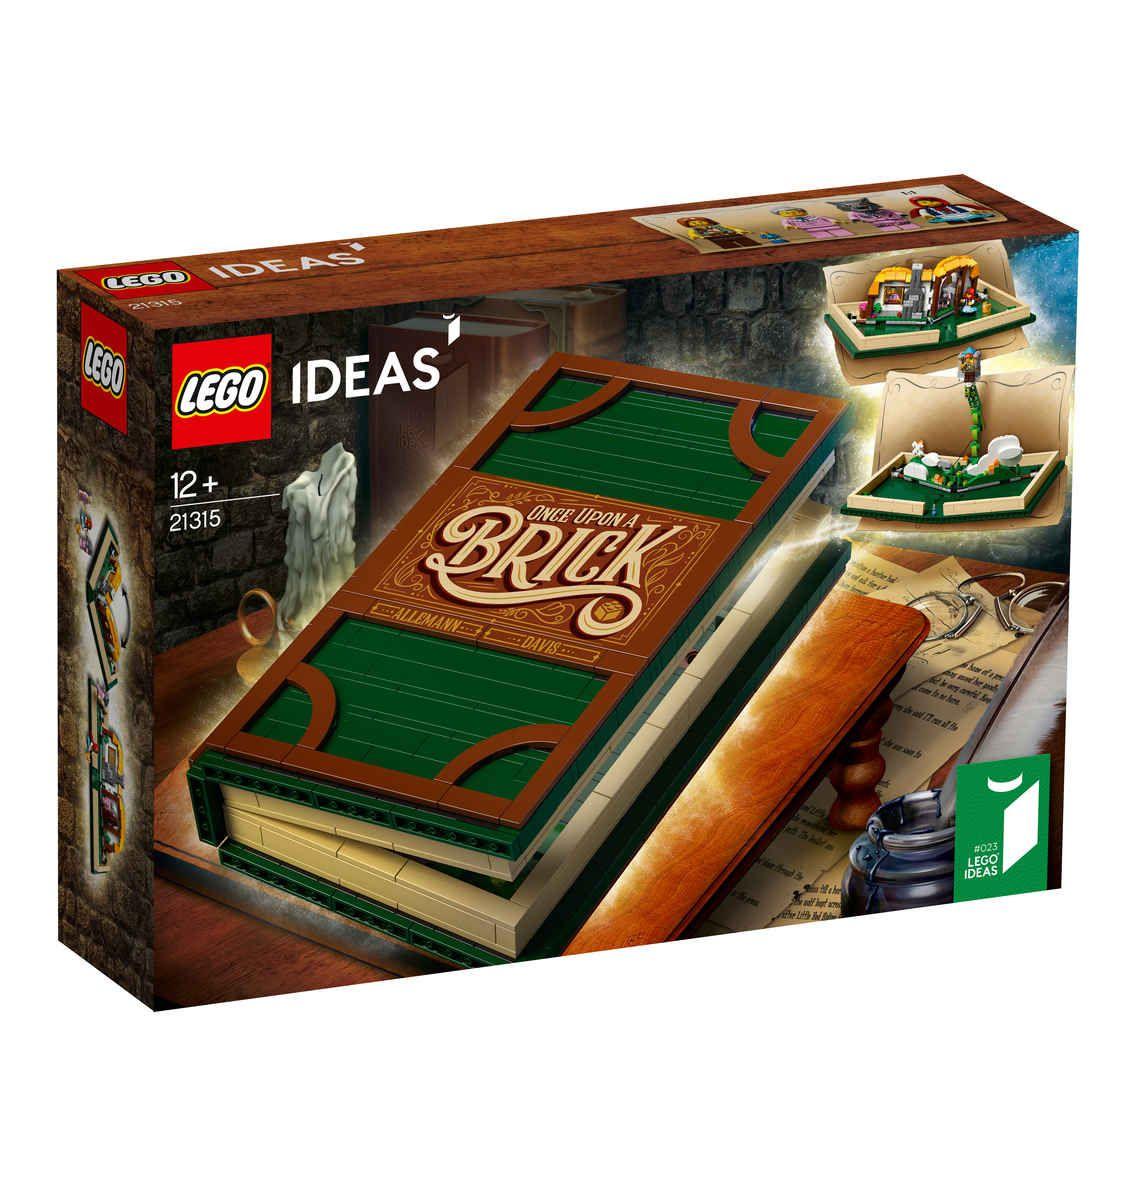 Lego Ideas Pop-Up Buch 21315